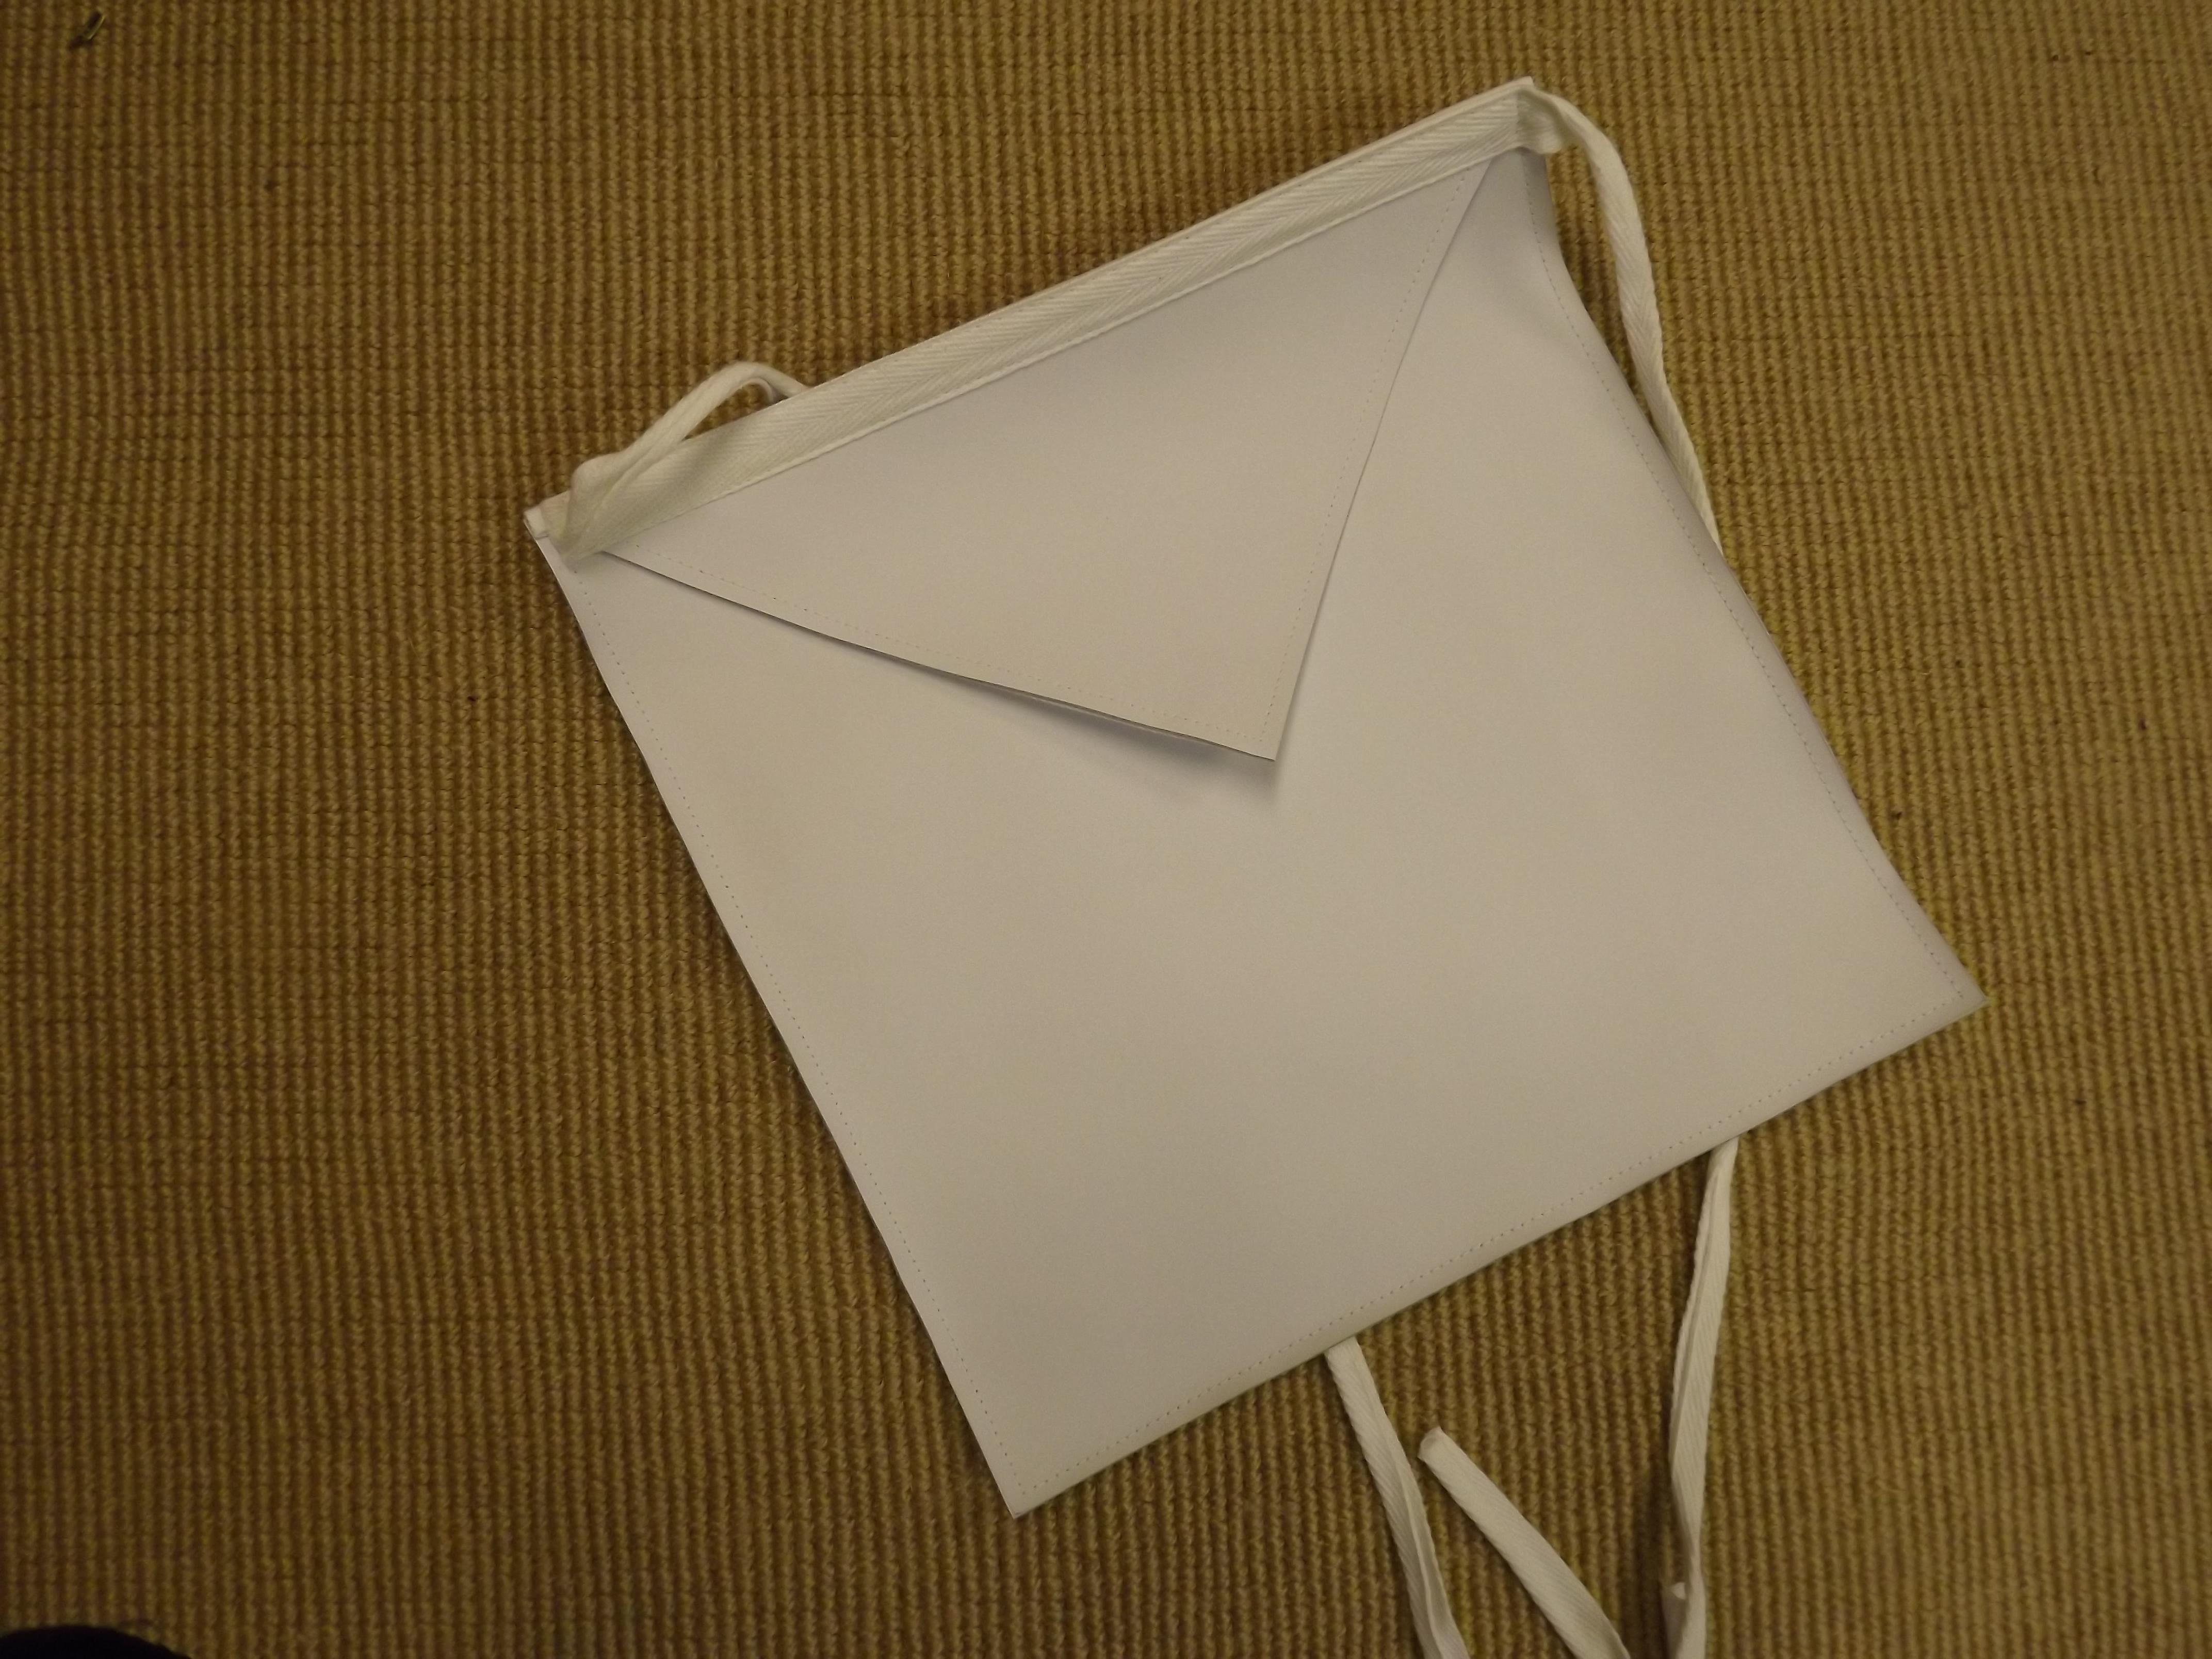 White apron freemason -  White Leathern Aprons 33 00